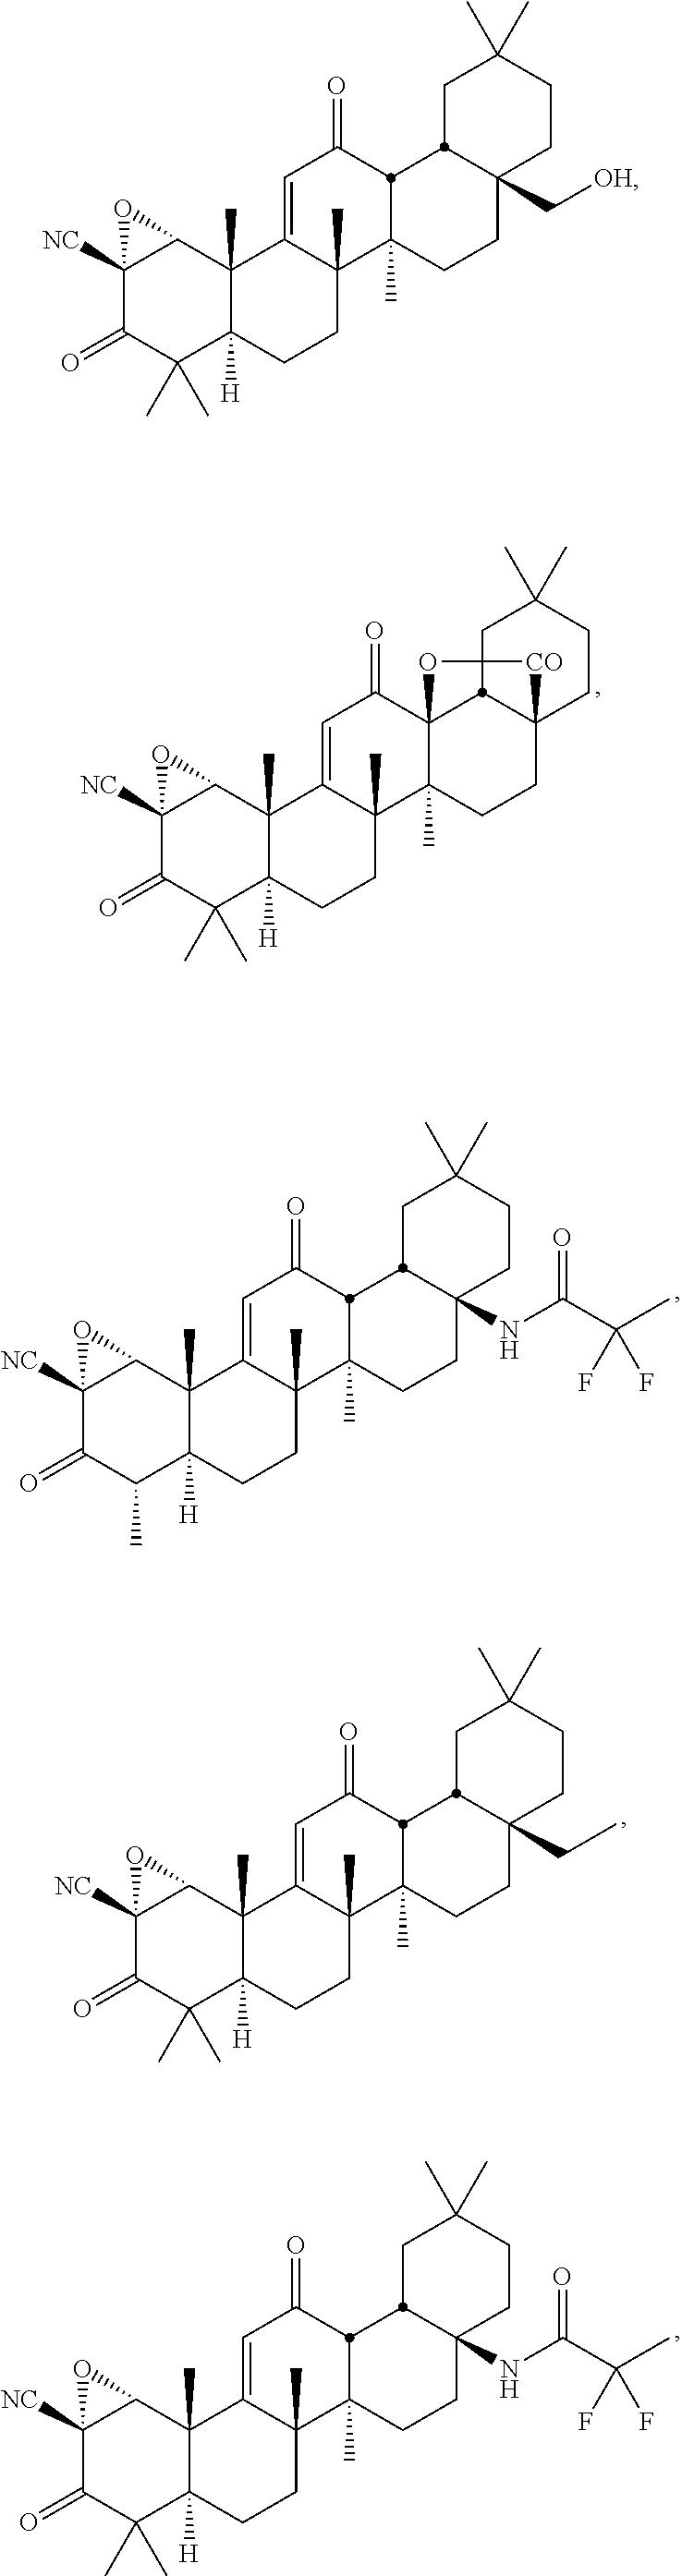 Figure US09556222-20170131-C00007